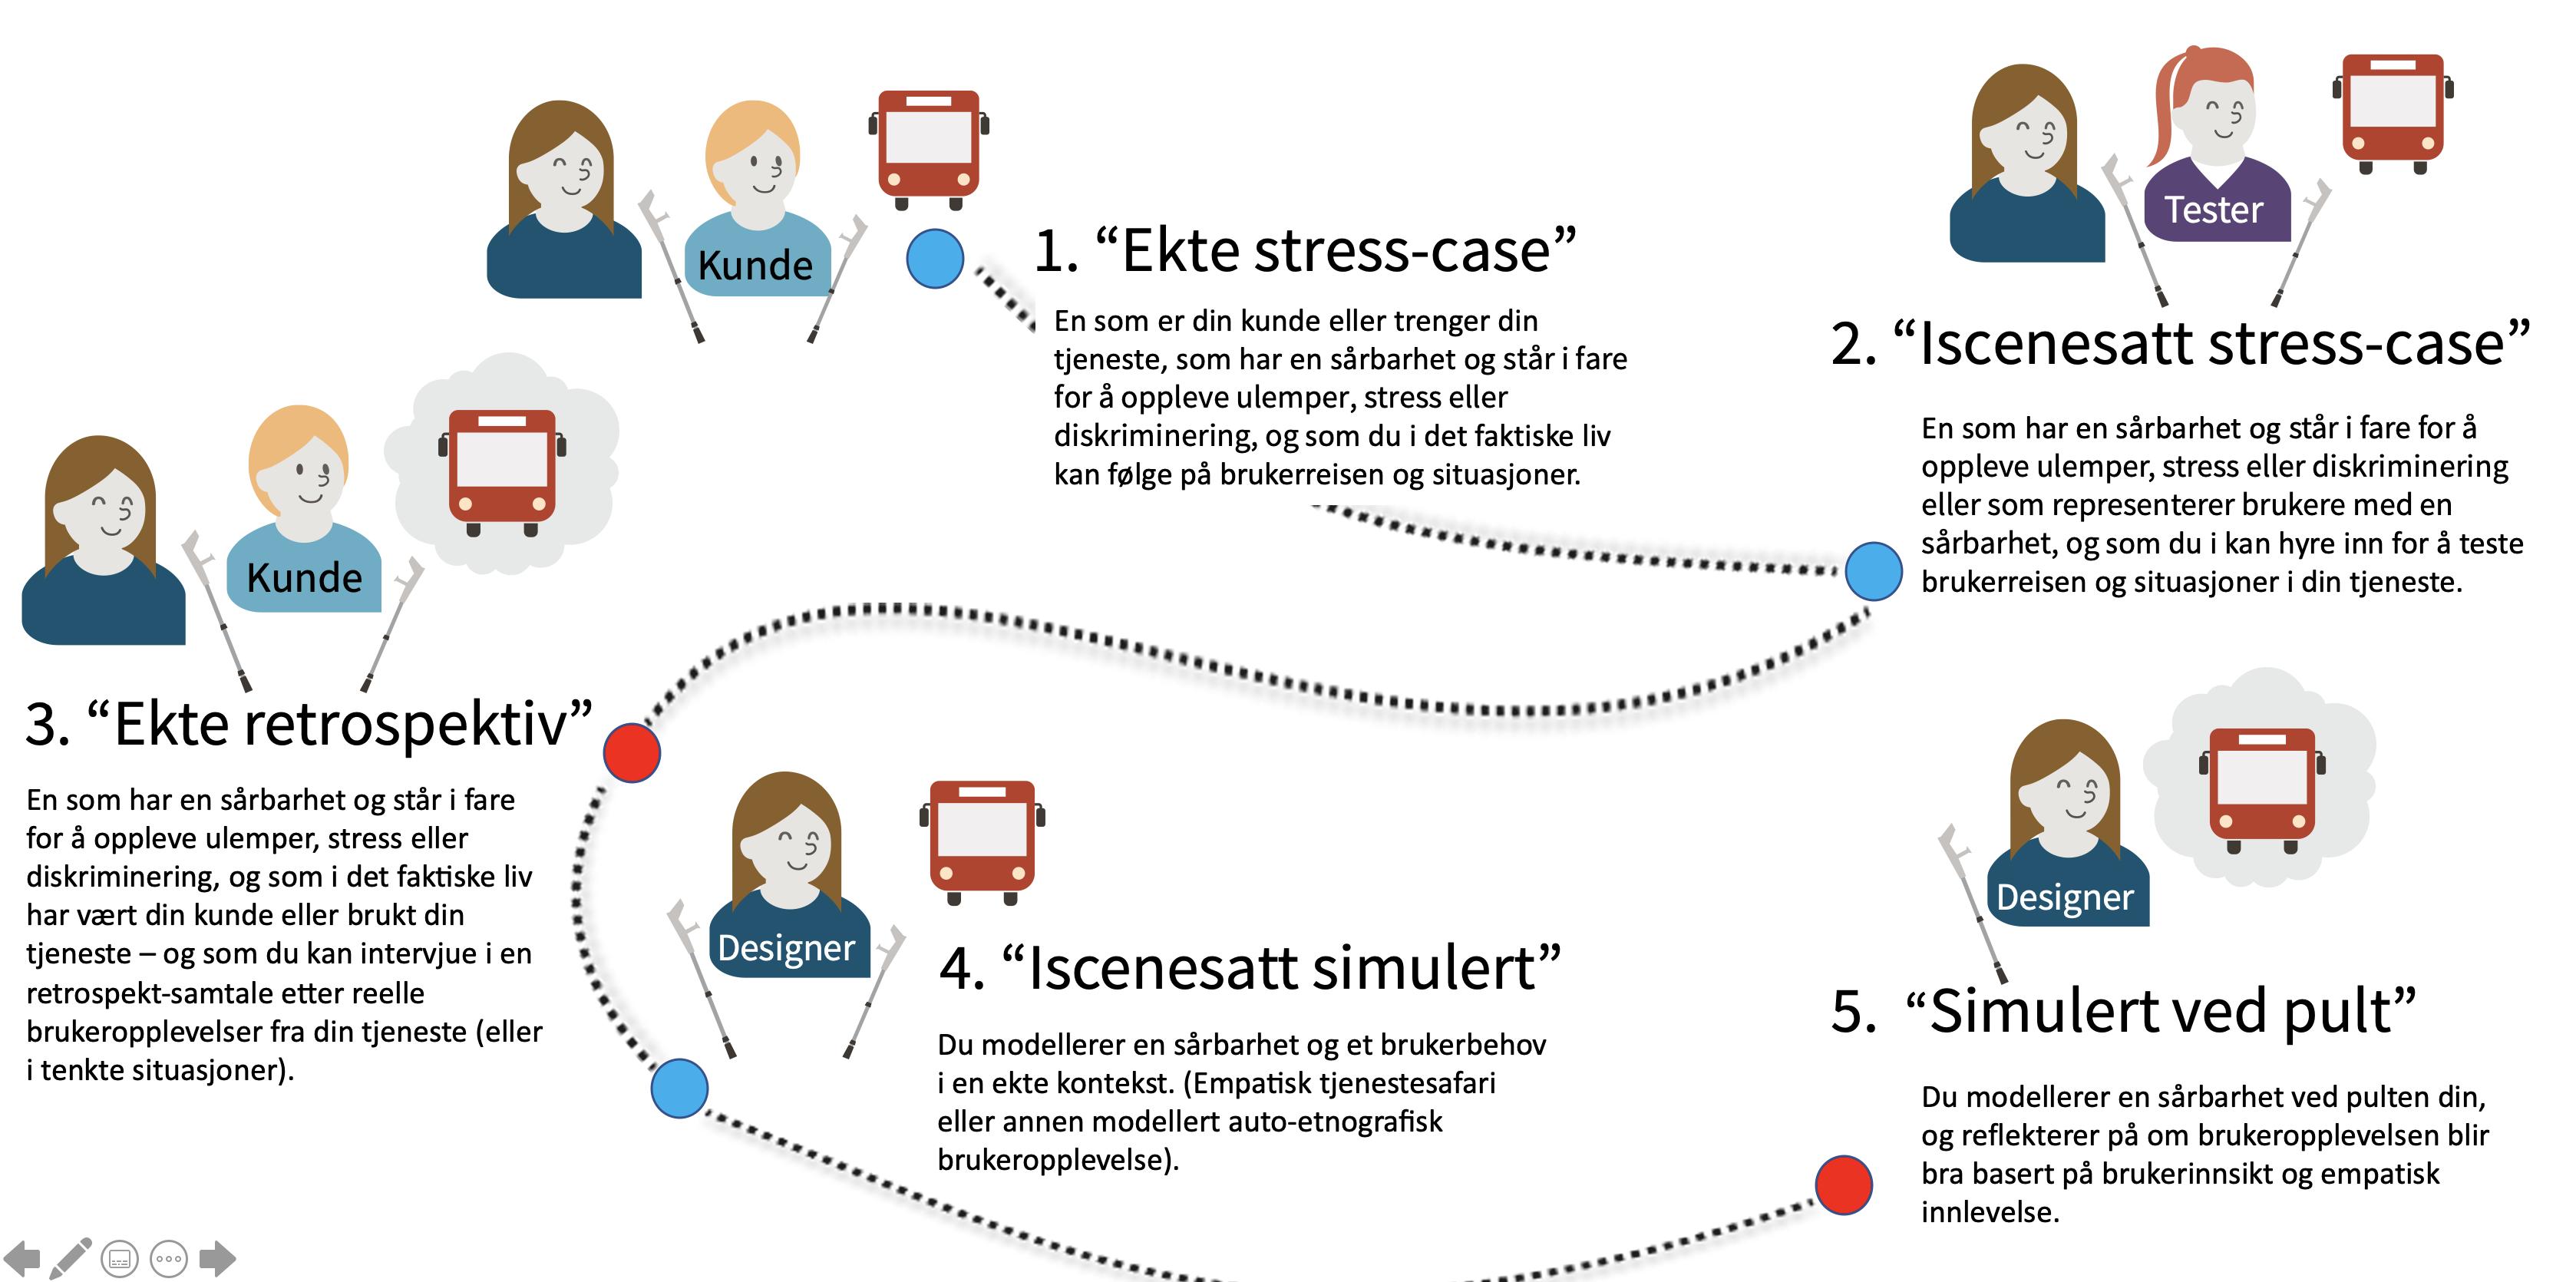 Illustrasjon stress-case, se beskrivelse rett etter bildet